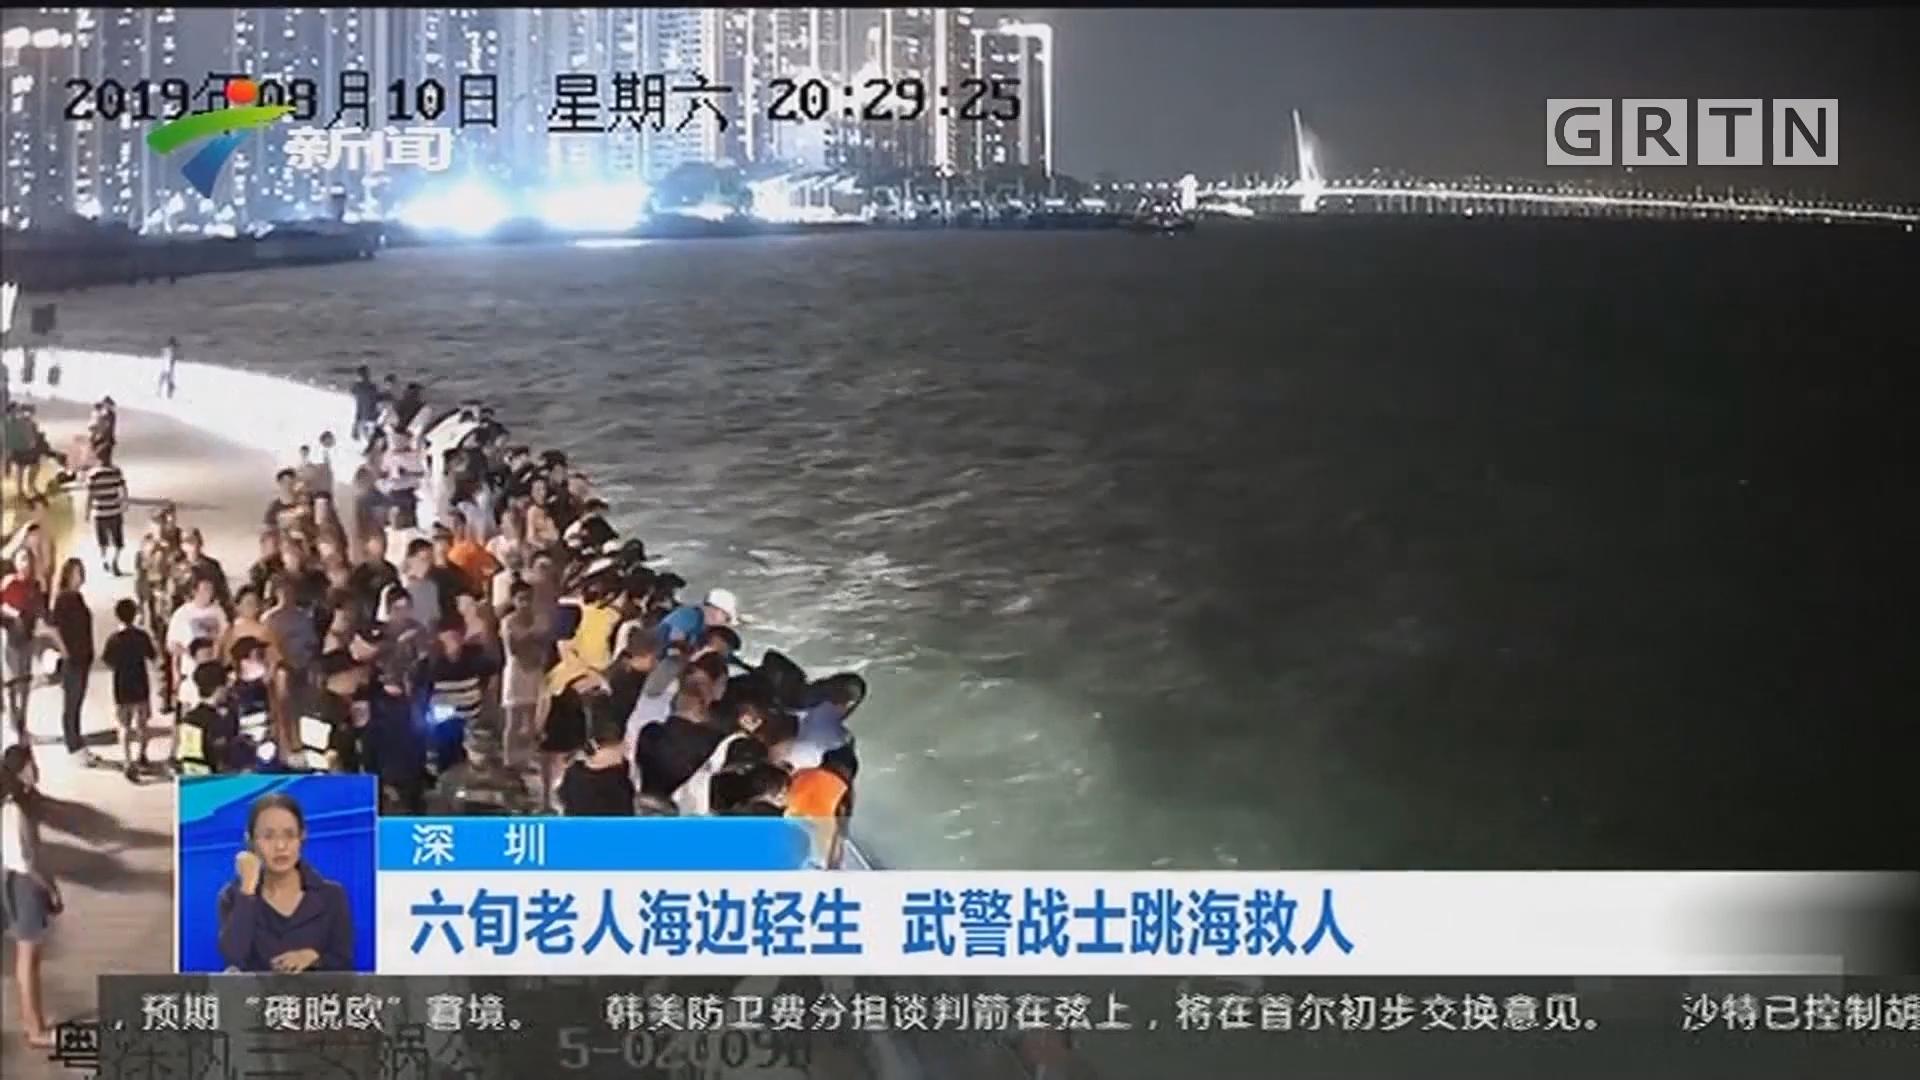 深圳:六旬老人海边轻生 武警战士跳海救人